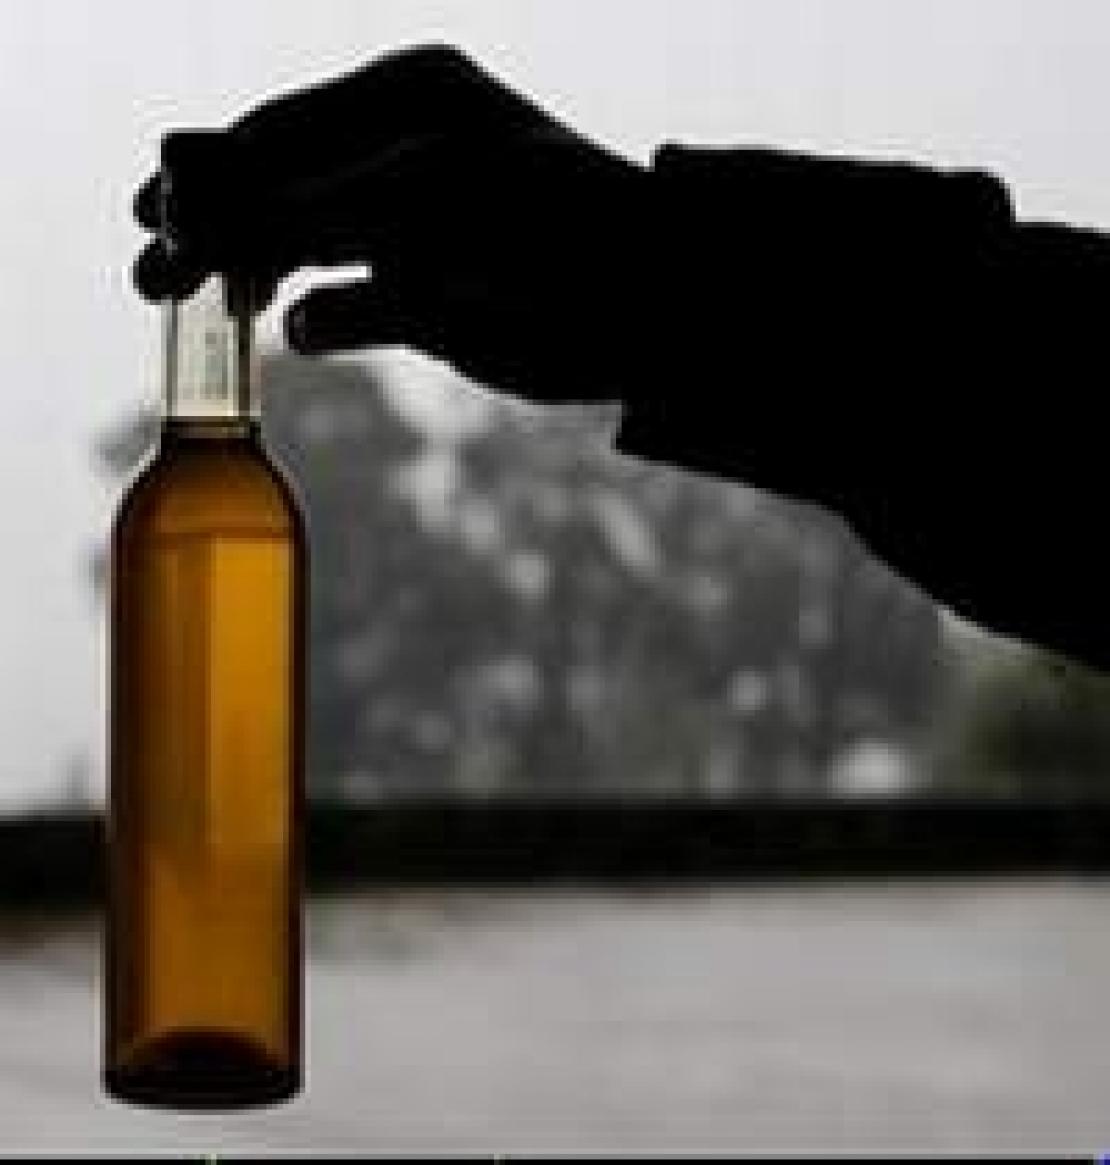 L'analisi del DNA sull'olio d'oliva è valida ai fini probatori: ok dal Tribunale del riesame